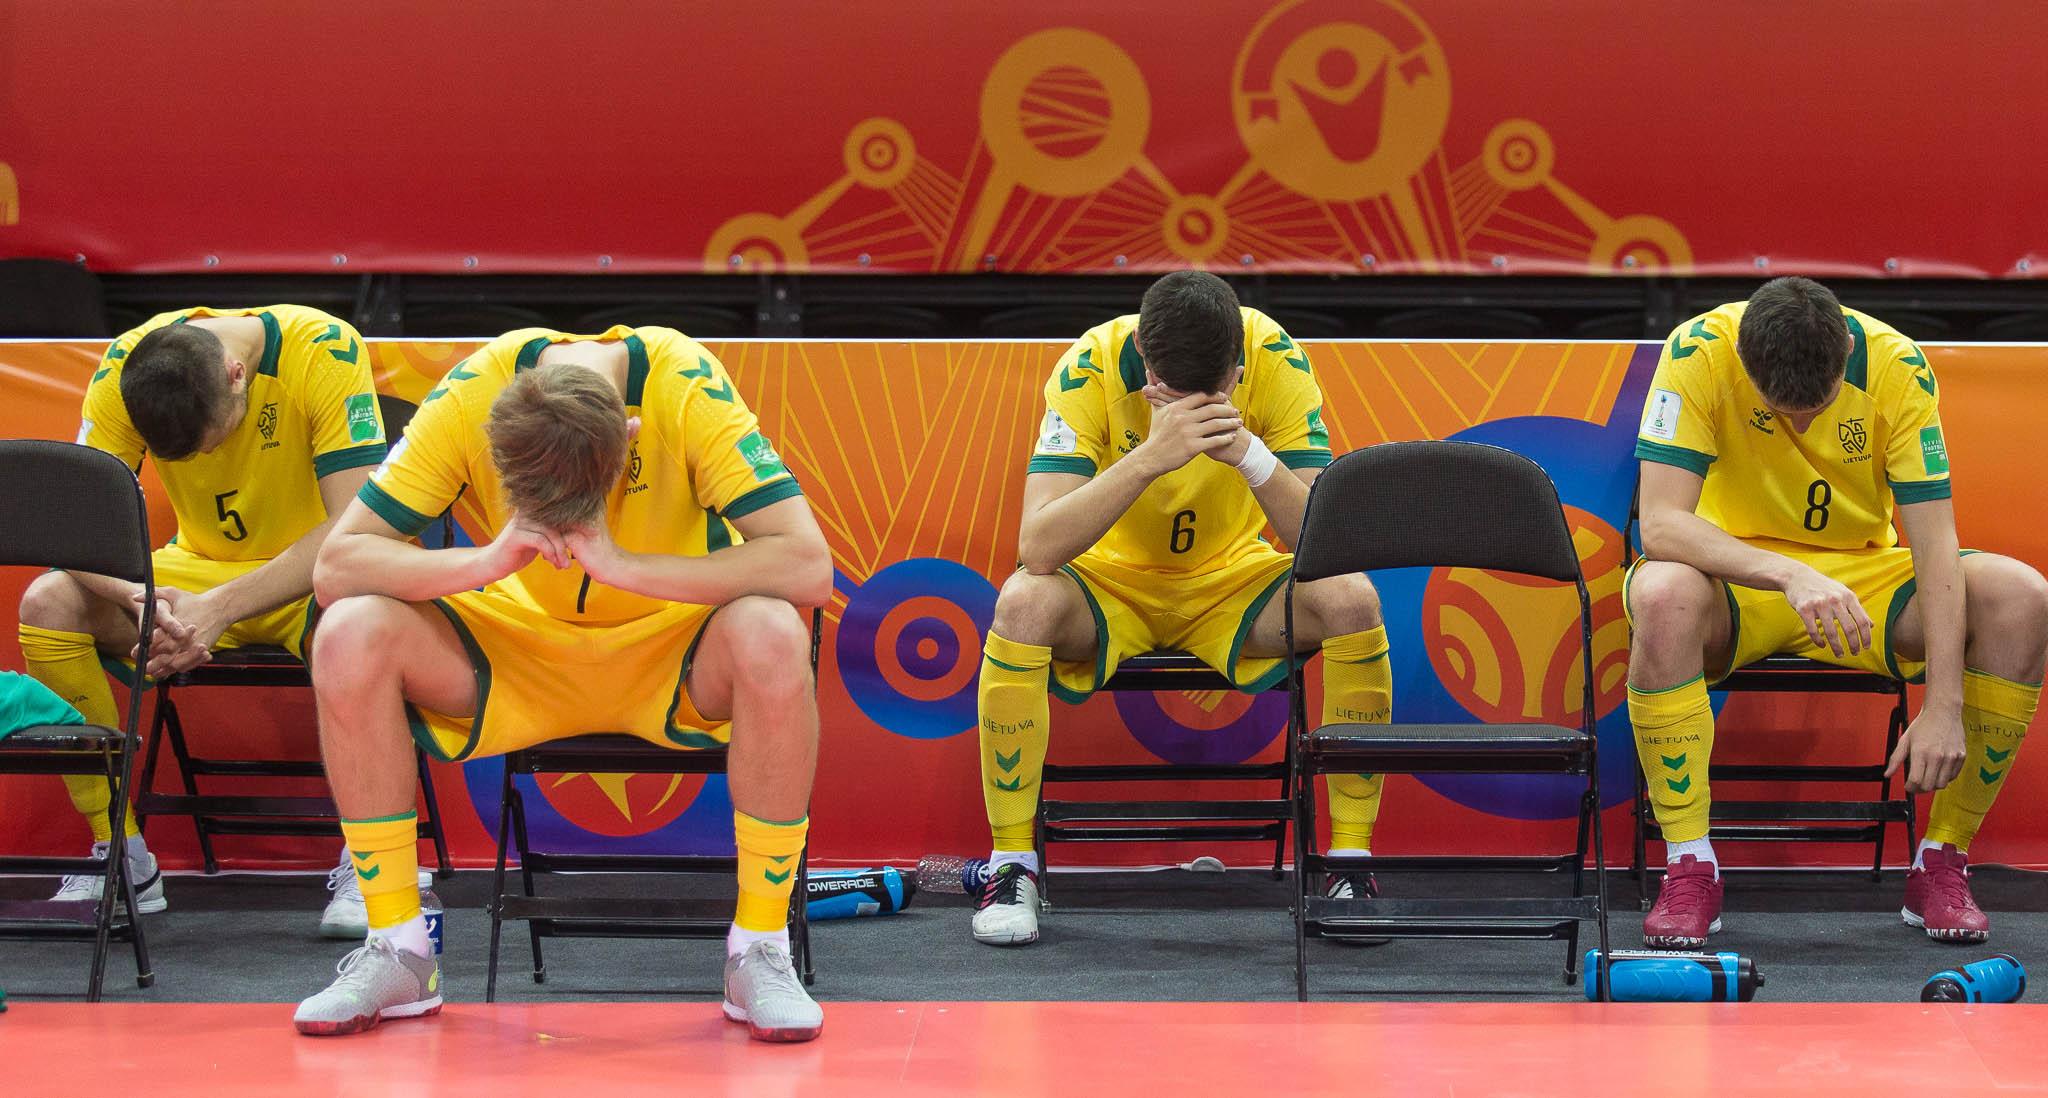 Geriausioje rugsėjo sporto nuotraukoje – didžiausio metų sporto renginio Lietuvoje akimirka